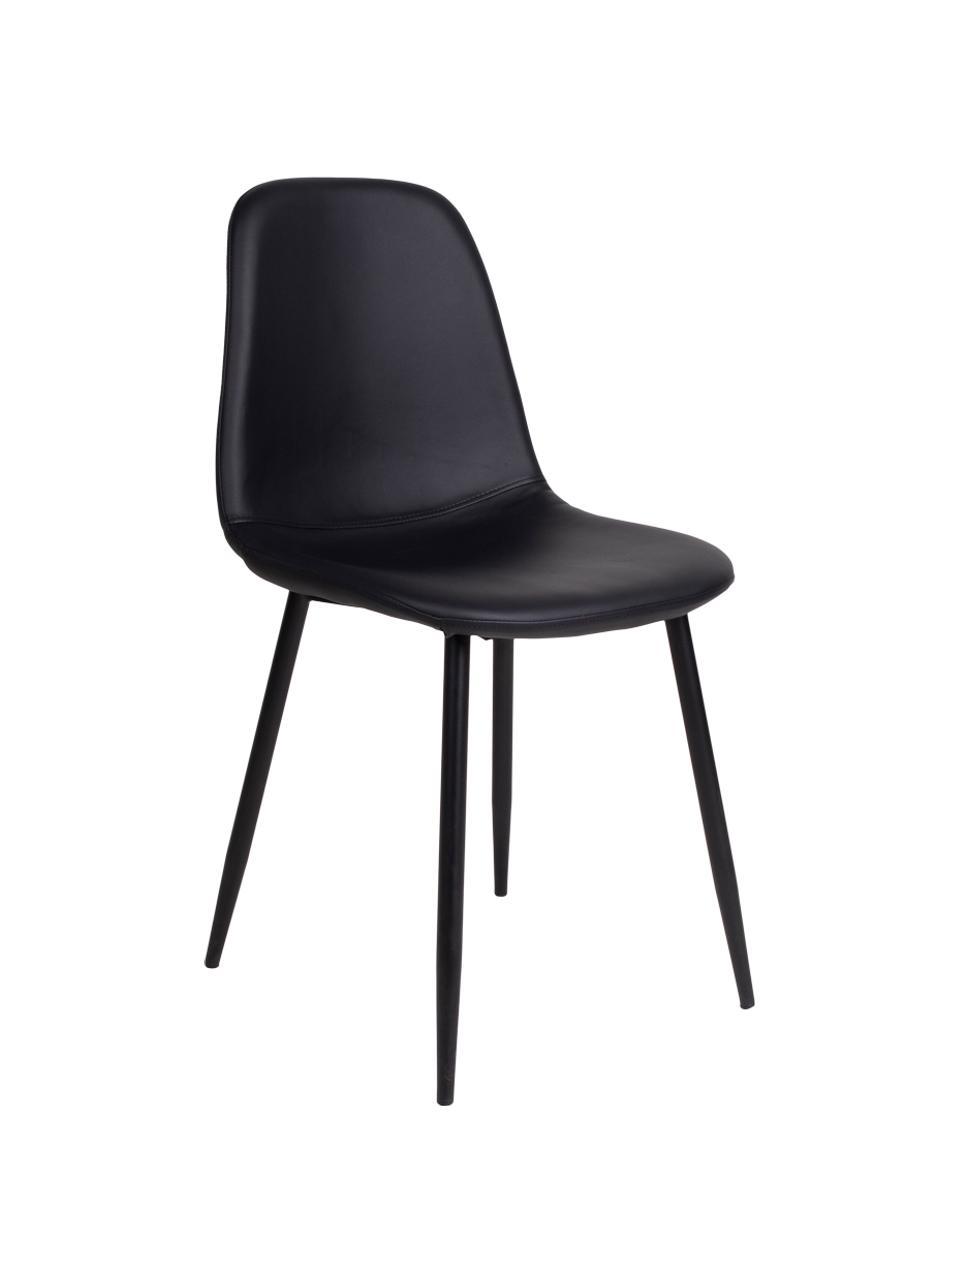 Krzesło tapicerowane ze sztucznej skóry Stockholm, Tapicerka: sztuczna skóra Dzięki tka, Nogi: metal lakierowany, Czarny, S 50 x G 47 cm